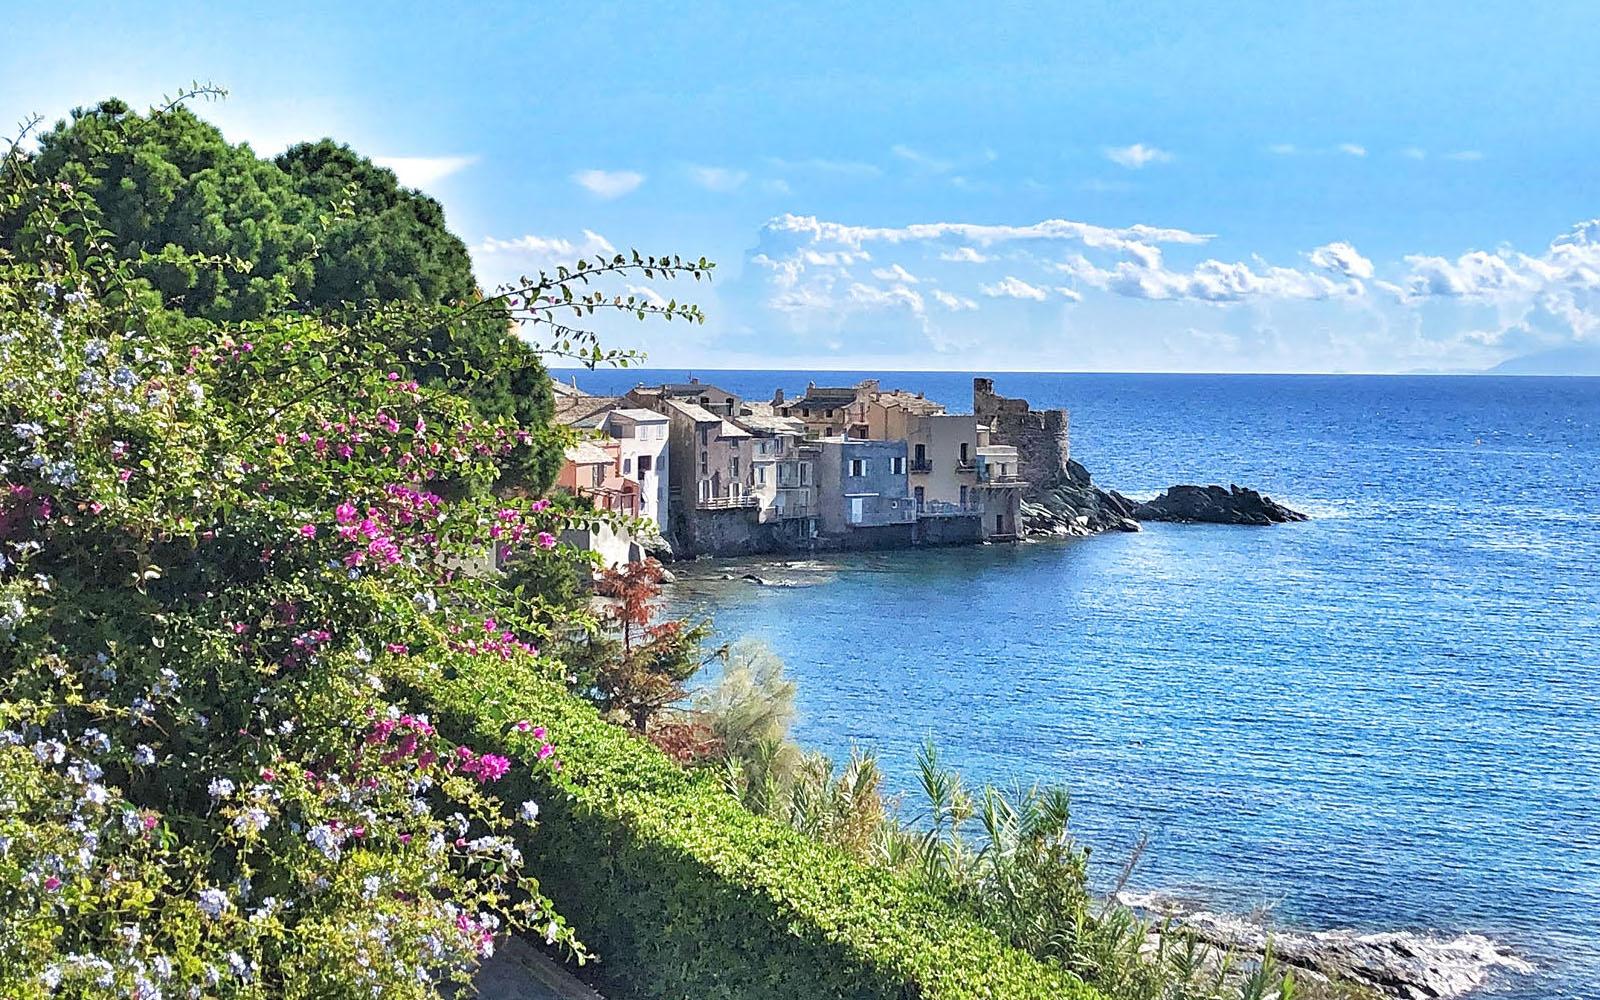 Il borgo di Erbalunga, proteso sul mare, nel Cap Corse. © oltreilbalcone